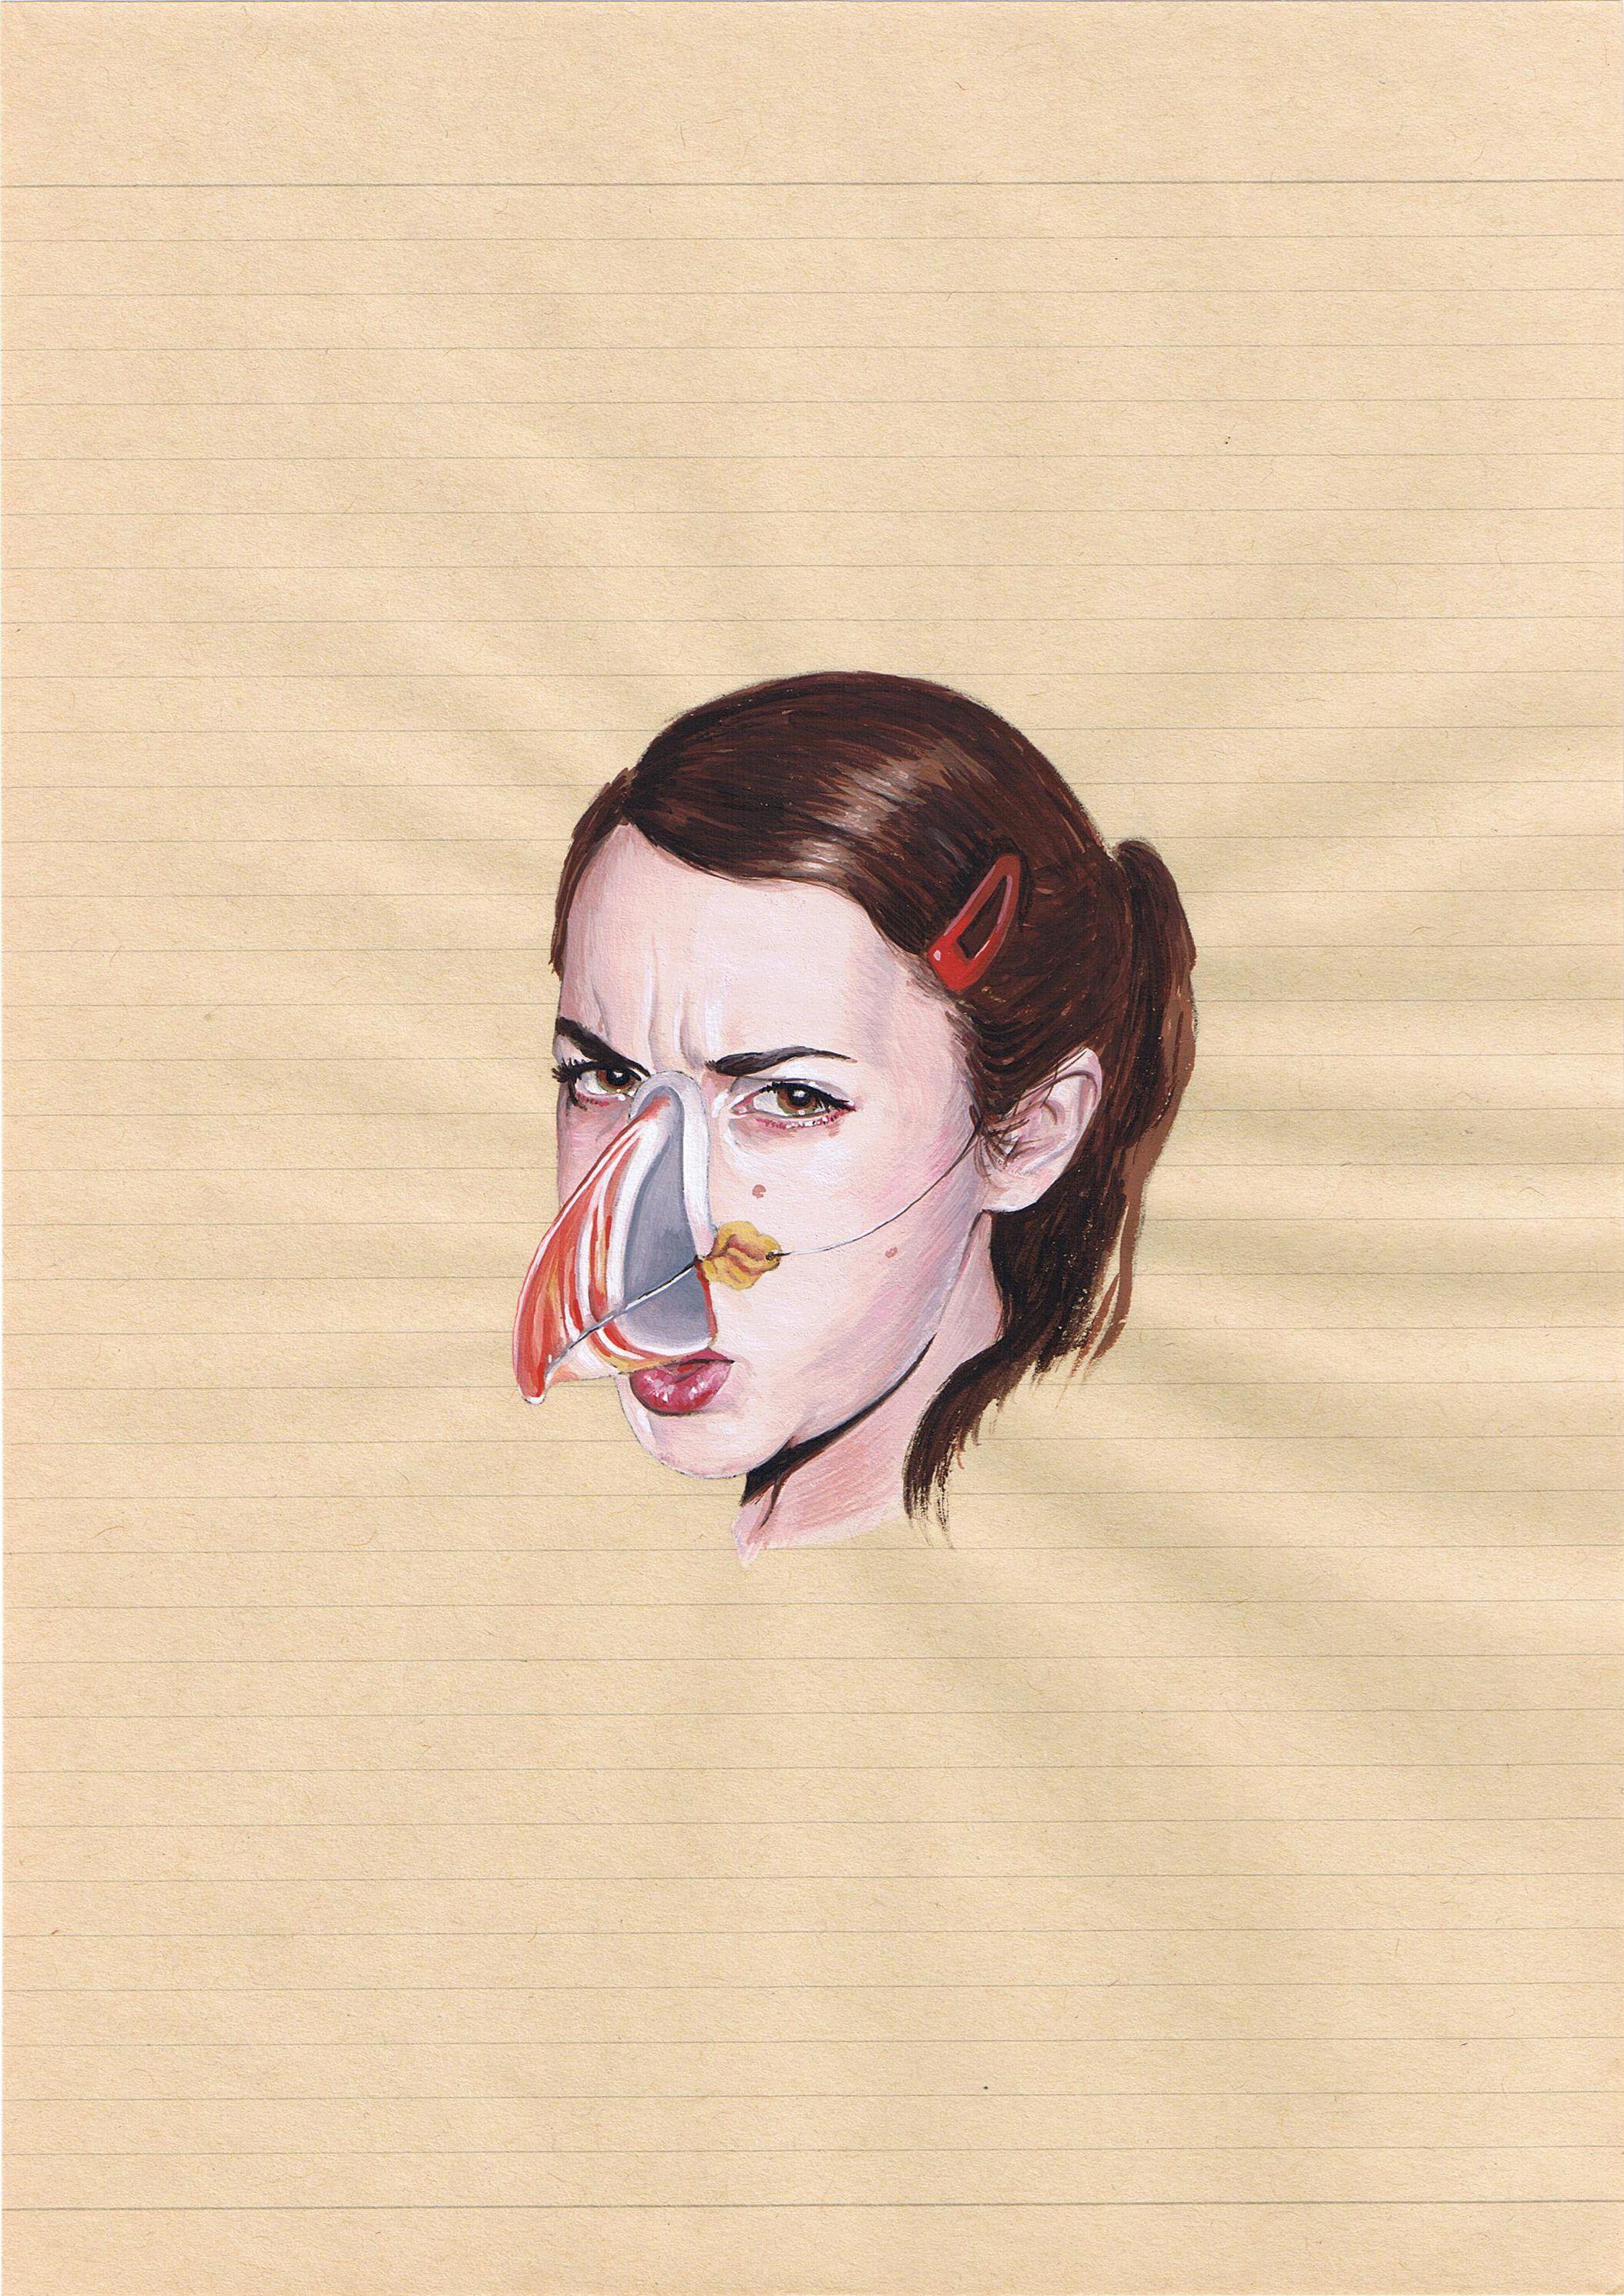 La verdad sobre las máscaras (Frailecillo), 2008, gouache/papel.